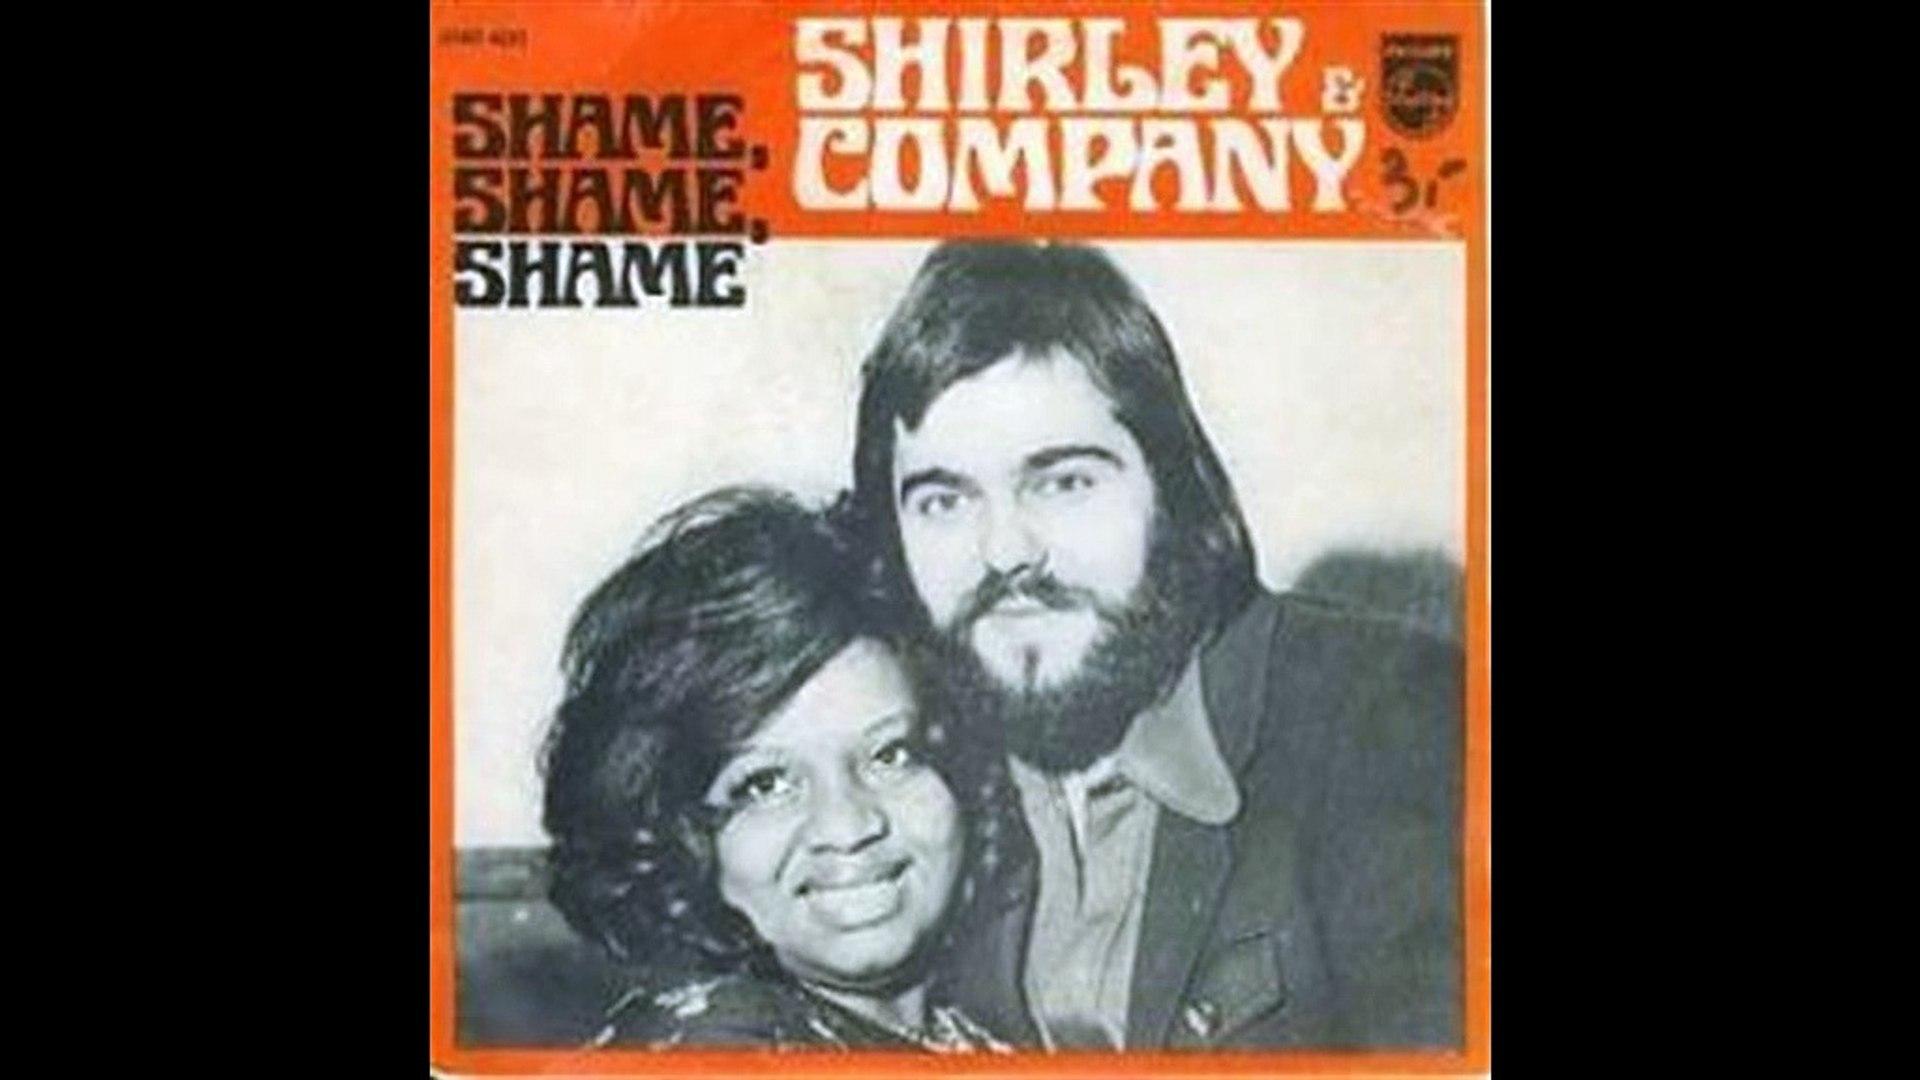 Shirley & Company - Shame, Shame, Shame